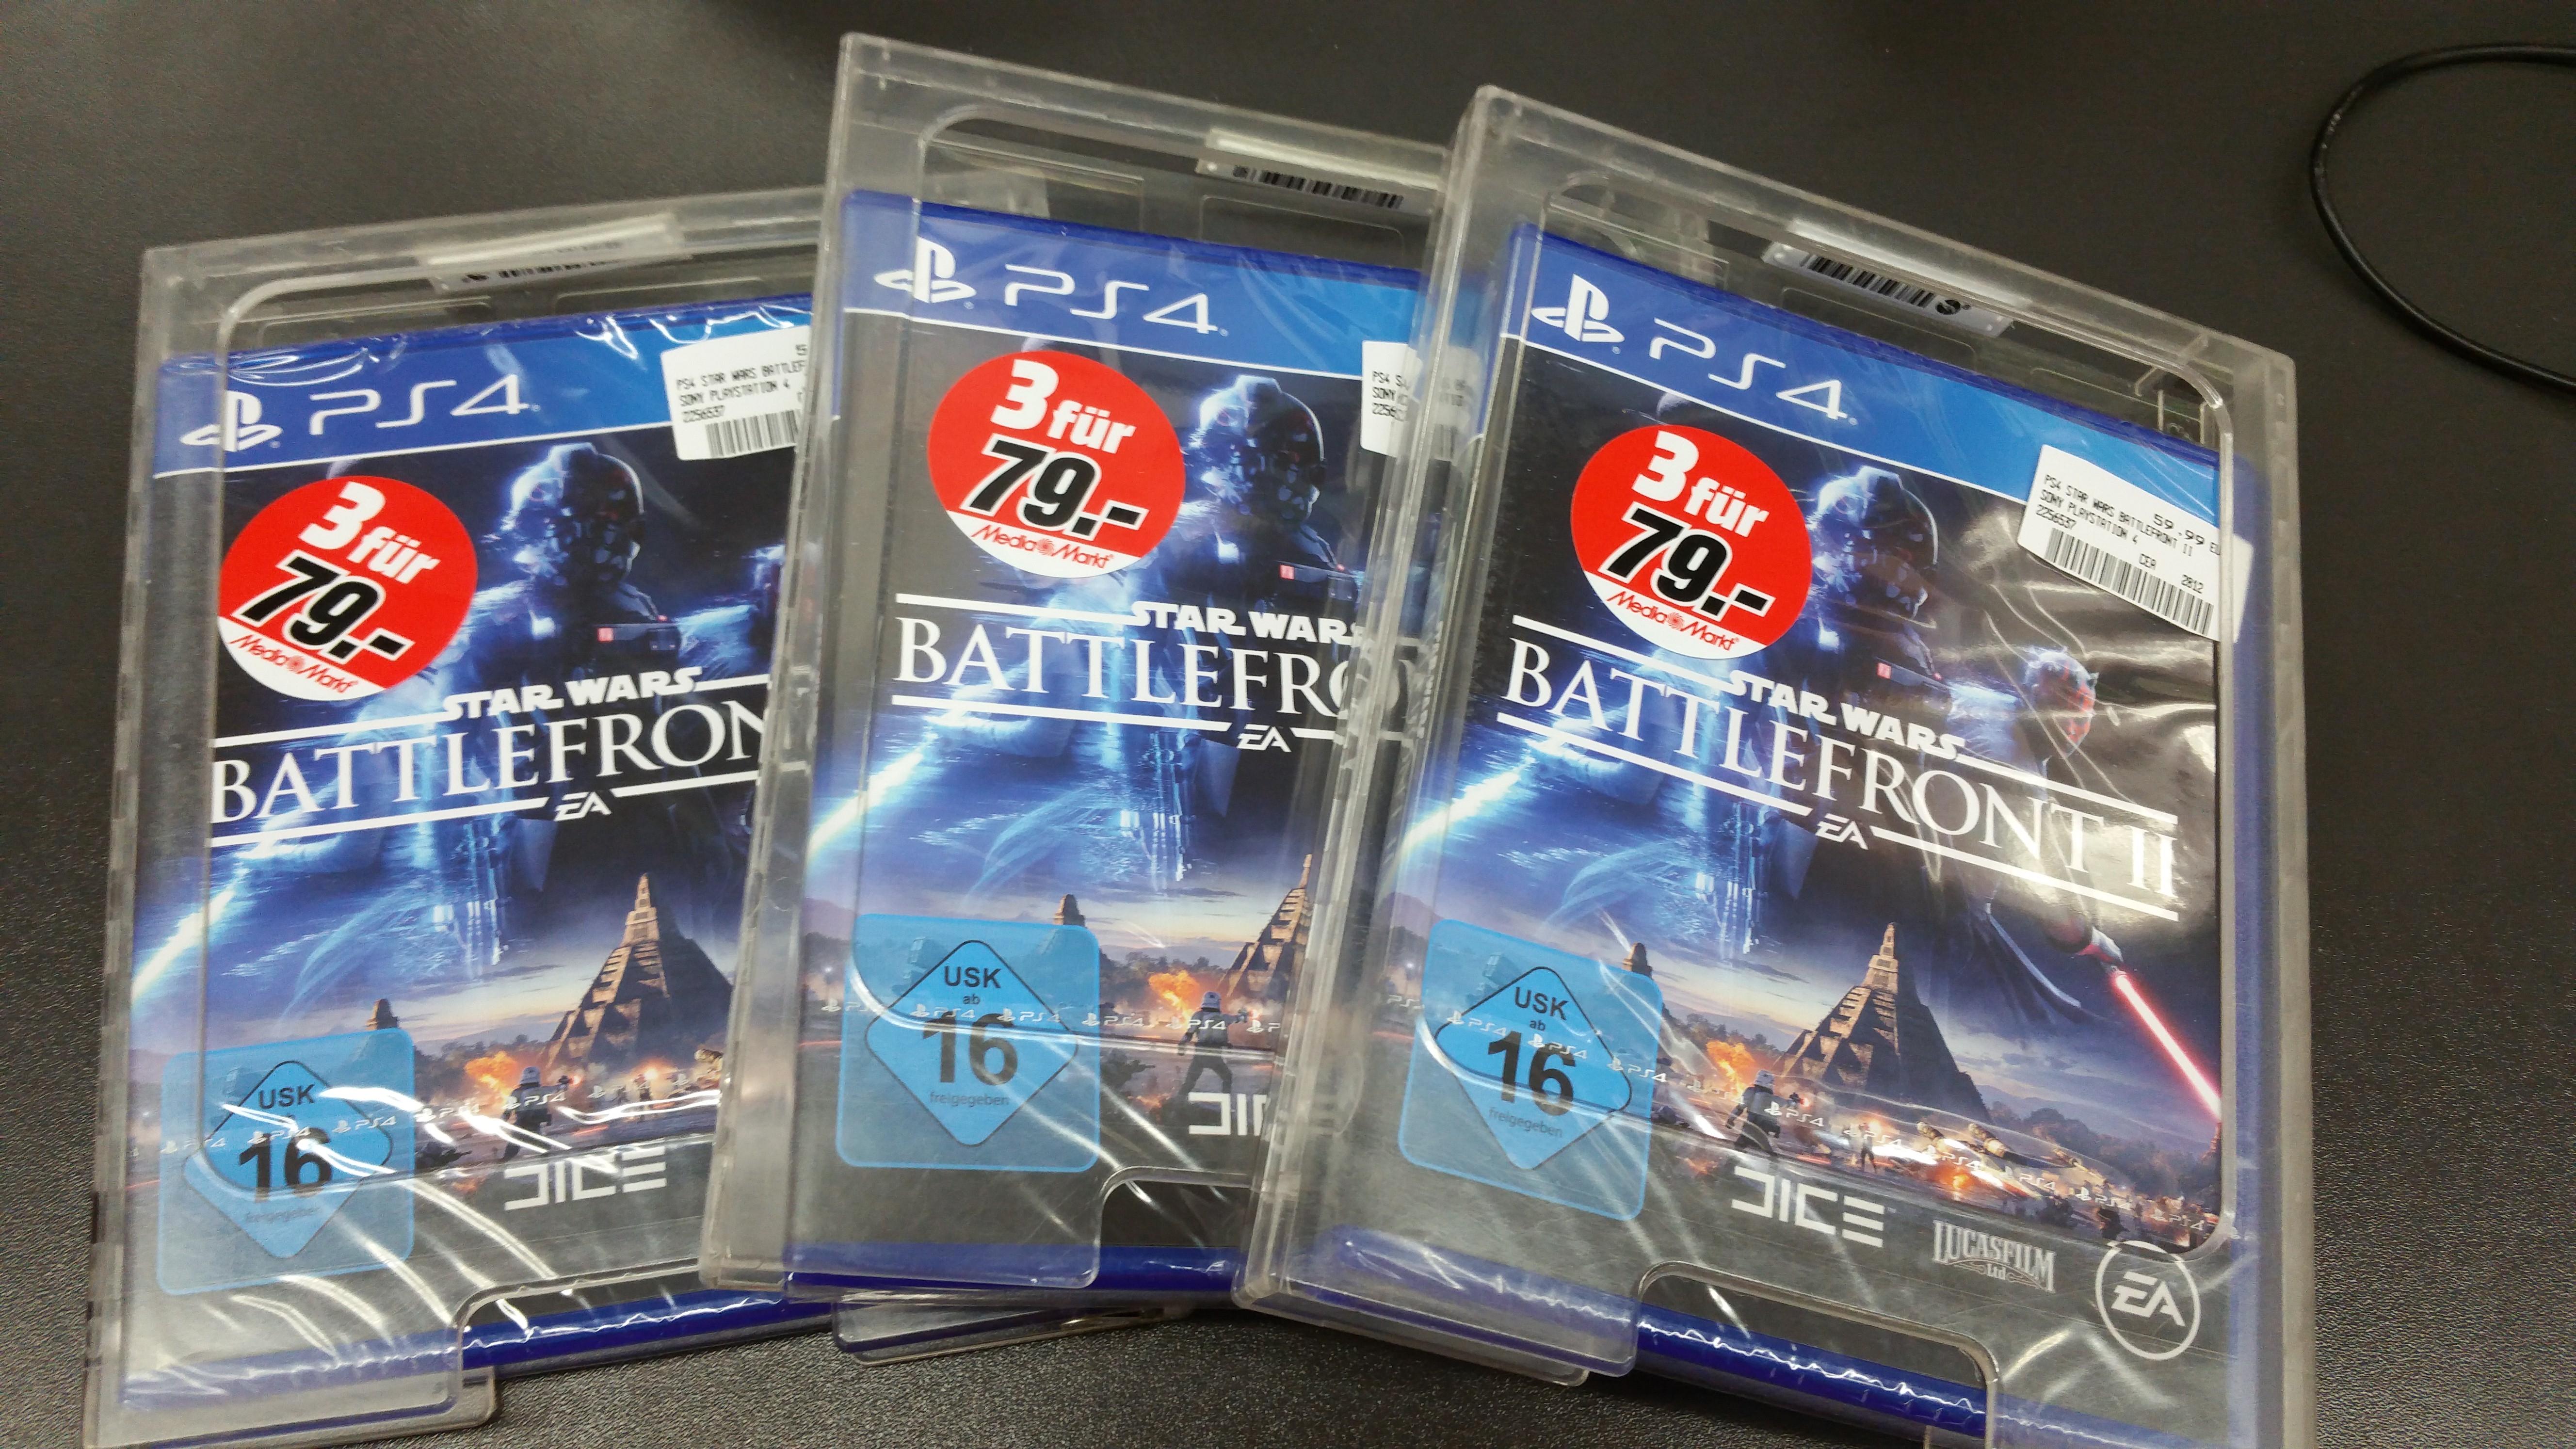 lokal MM Main Taunus Zentrum PS4 Star Wars Batltefront 2 / FIFA 18 (Switch)  in 3für79